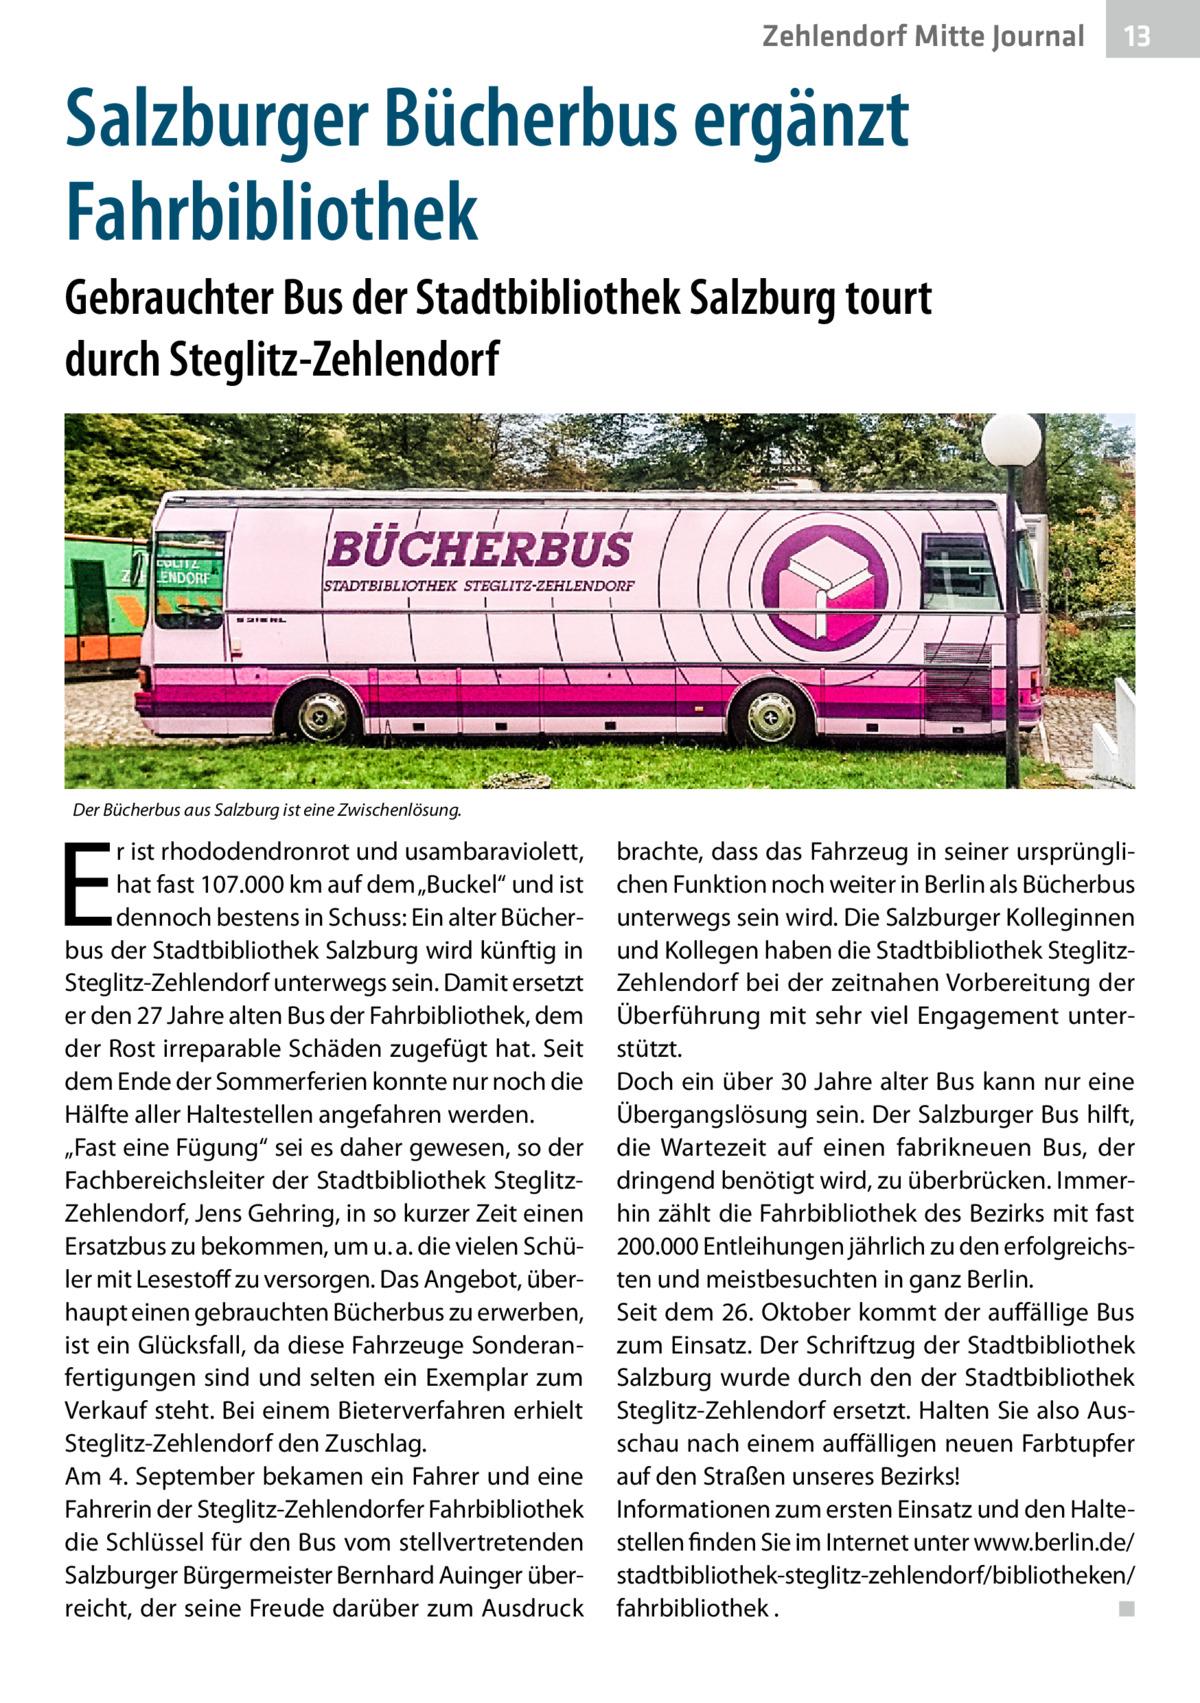 """Zehlendorf Mitte Journal  13  Salzburger Bücherbus ergänzt Fahrbibliothek Gebrauchter Bus der Stadtbibliothek Salzburg tourt durch Steglitz-Zehlendorf  Der Bücherbus aus Salzburg ist eine Zwischenlösung.  E  r ist rhododendronrot und usambaraviolett, hat fast 107.000km auf dem """"Buckel"""" und ist dennoch bestens in Schuss: Ein alter Bücherbus der Stadtbibliothek Salzburg wird künftig in Steglitz-Zehlendorf unterwegs sein. Damit ersetzt er den 27Jahre alten Bus der Fahrbibliothek, dem der Rost irreparable Schäden zugefügt hat. Seit dem Ende der Sommerferien konnte nur noch die Hälfte aller Haltestellen angefahren werden. """"Fast eine Fügung"""" sei es daher gewesen, so der Fachbereichsleiter der Stadtbibliothek SteglitzZehlendorf, Jens Gehring, in so kurzer Zeit einen Ersatzbus zu bekommen, um u.a. die vielen Schüler mit Lesestoff zu versorgen. Das Angebot, überhaupt einen gebrauchten Bücherbus zu erwerben, ist ein Glücksfall, da diese Fahrzeuge Sonderanfertigungen sind und selten ein Exemplar zum Verkauf steht. Bei einem Bieterverfahren erhielt Steglitz-Zehlendorf den Zuschlag. Am 4.September bekamen ein Fahrer und eine Fahrerin der Steglitz-Zehlendorfer Fahrbibliothek die Schlüssel für den Bus vom stellvertretenden Salzburger Bürgermeister Bernhard Auinger überreicht, der seine Freude darüber zum Ausdruck  brachte, dass das Fahrzeug in seiner ursprünglichen Funktion noch weiter in Berlin als Bücherbus unterwegs sein wird. Die Salzburger Kolleginnen und Kollegen haben die Stadtbibliothek SteglitzZehlendorf bei der zeitnahen Vorbereitung der Überführung mit sehr viel Engagement unterstützt. Doch ein über 30Jahre alter Bus kann nur eine Übergangslösung sein. Der Salzburger Bus hilft, die Wartezeit auf einen fabrikneuen Bus, der dringend benötigt wird, zu überbrücken. Immerhin zählt die Fahrbibliothek des Bezirks mit fast 200.000 Entleihungen jährlich zu den erfolgreichsten und meistbesuchten in ganz Berlin. Seit dem 26.Oktober kommt der auffällige Bus zum Einsatz. Der Schrift"""